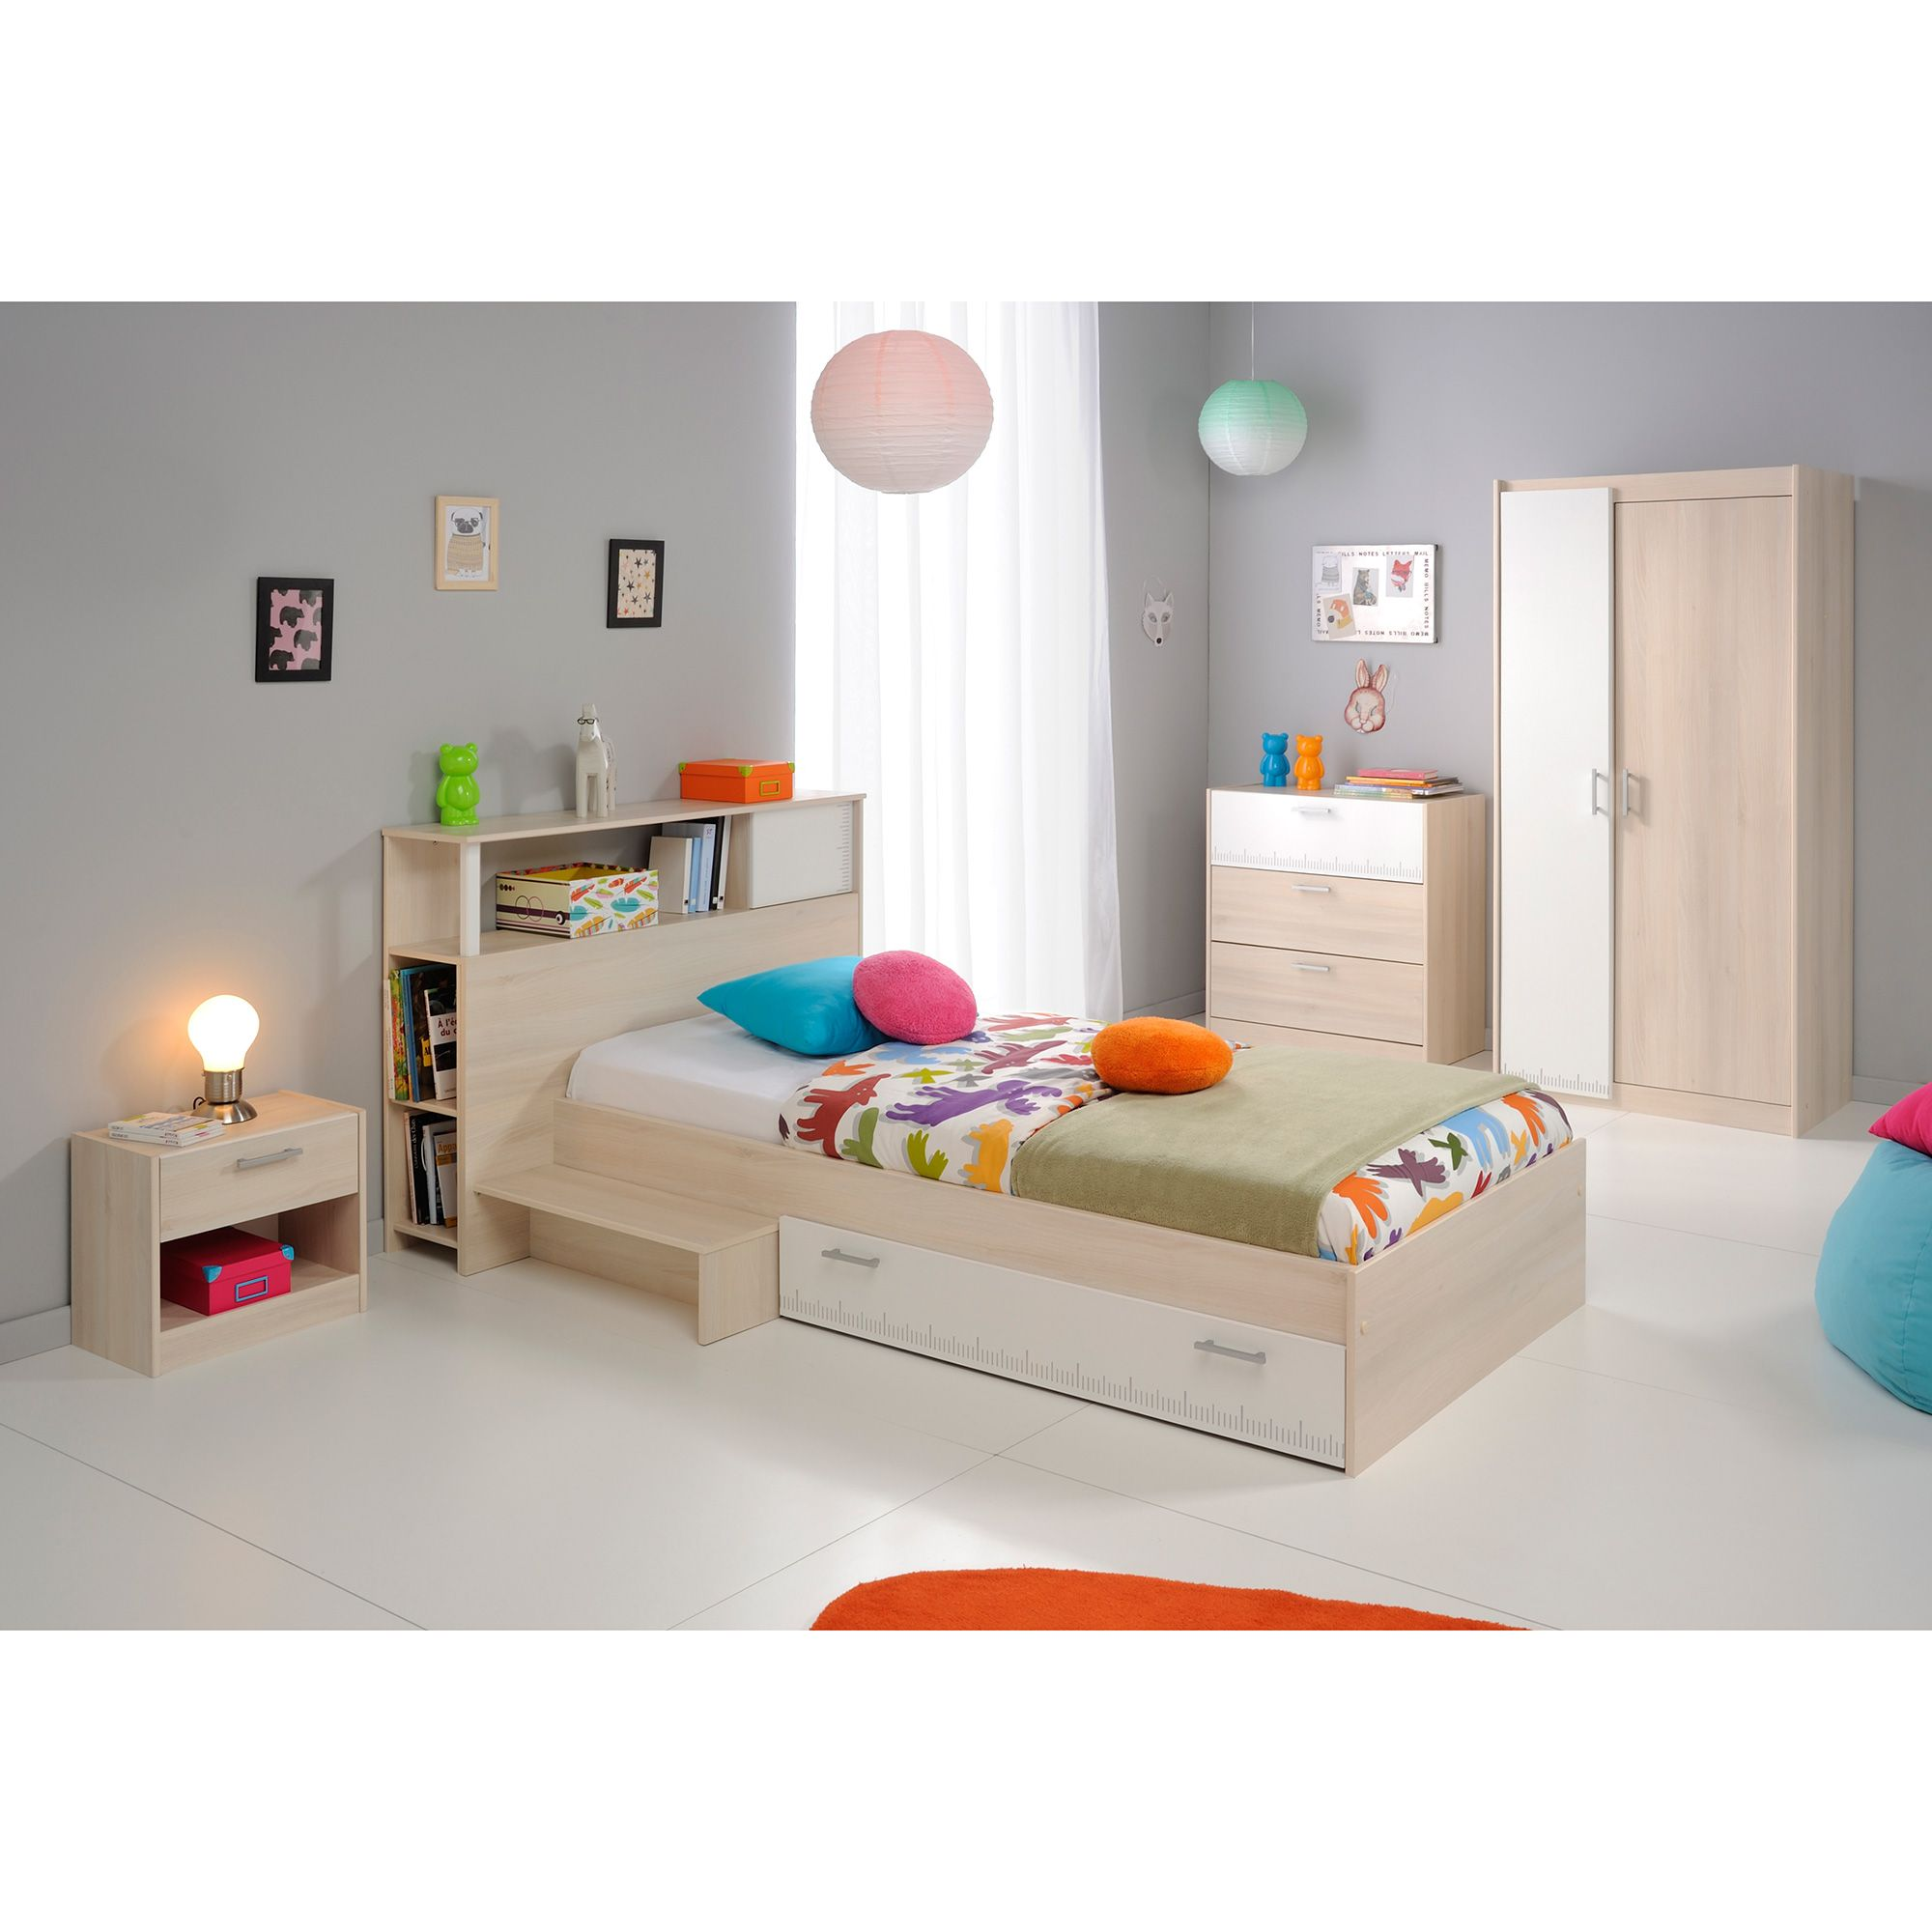 ensemble lit simple en bois tiroir et marche et pont de. Black Bedroom Furniture Sets. Home Design Ideas